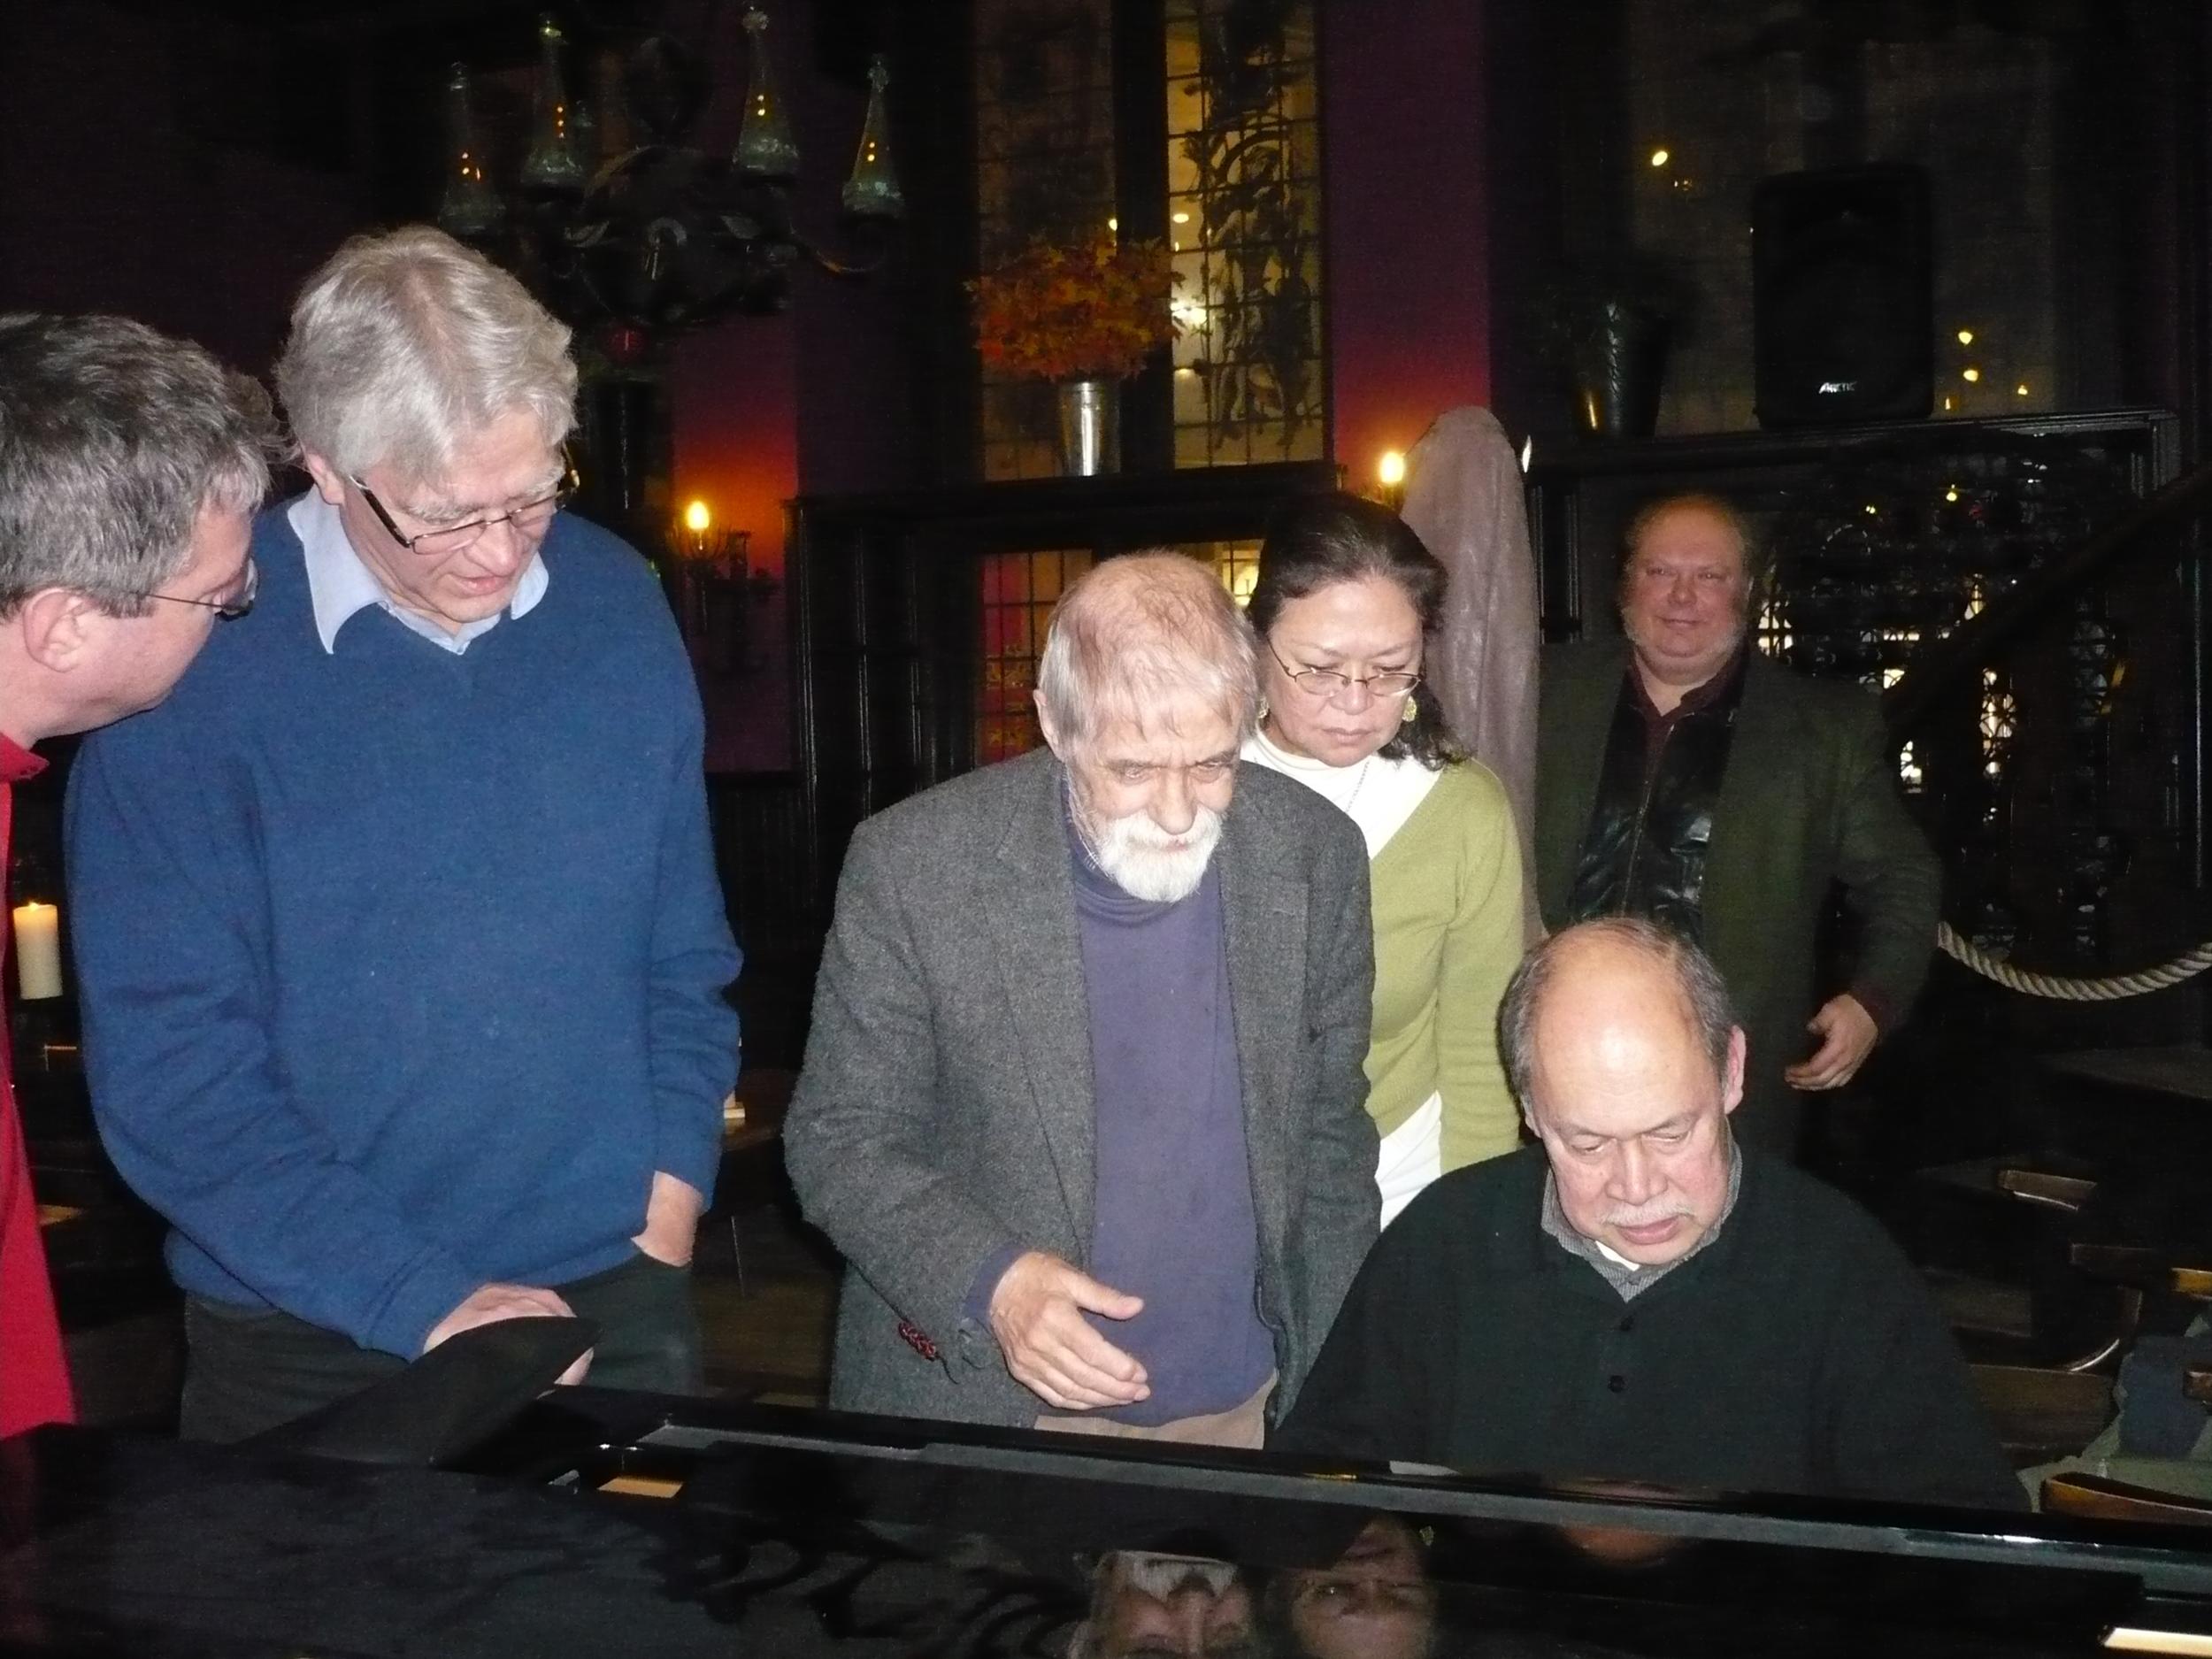 Menno Daams (tp), Frans Elsen - mijn belangrijkste leermeester - en Rob Agerbeek. Joy Misa (zang) en Sergei Shapko (bas) op de achtergrond.